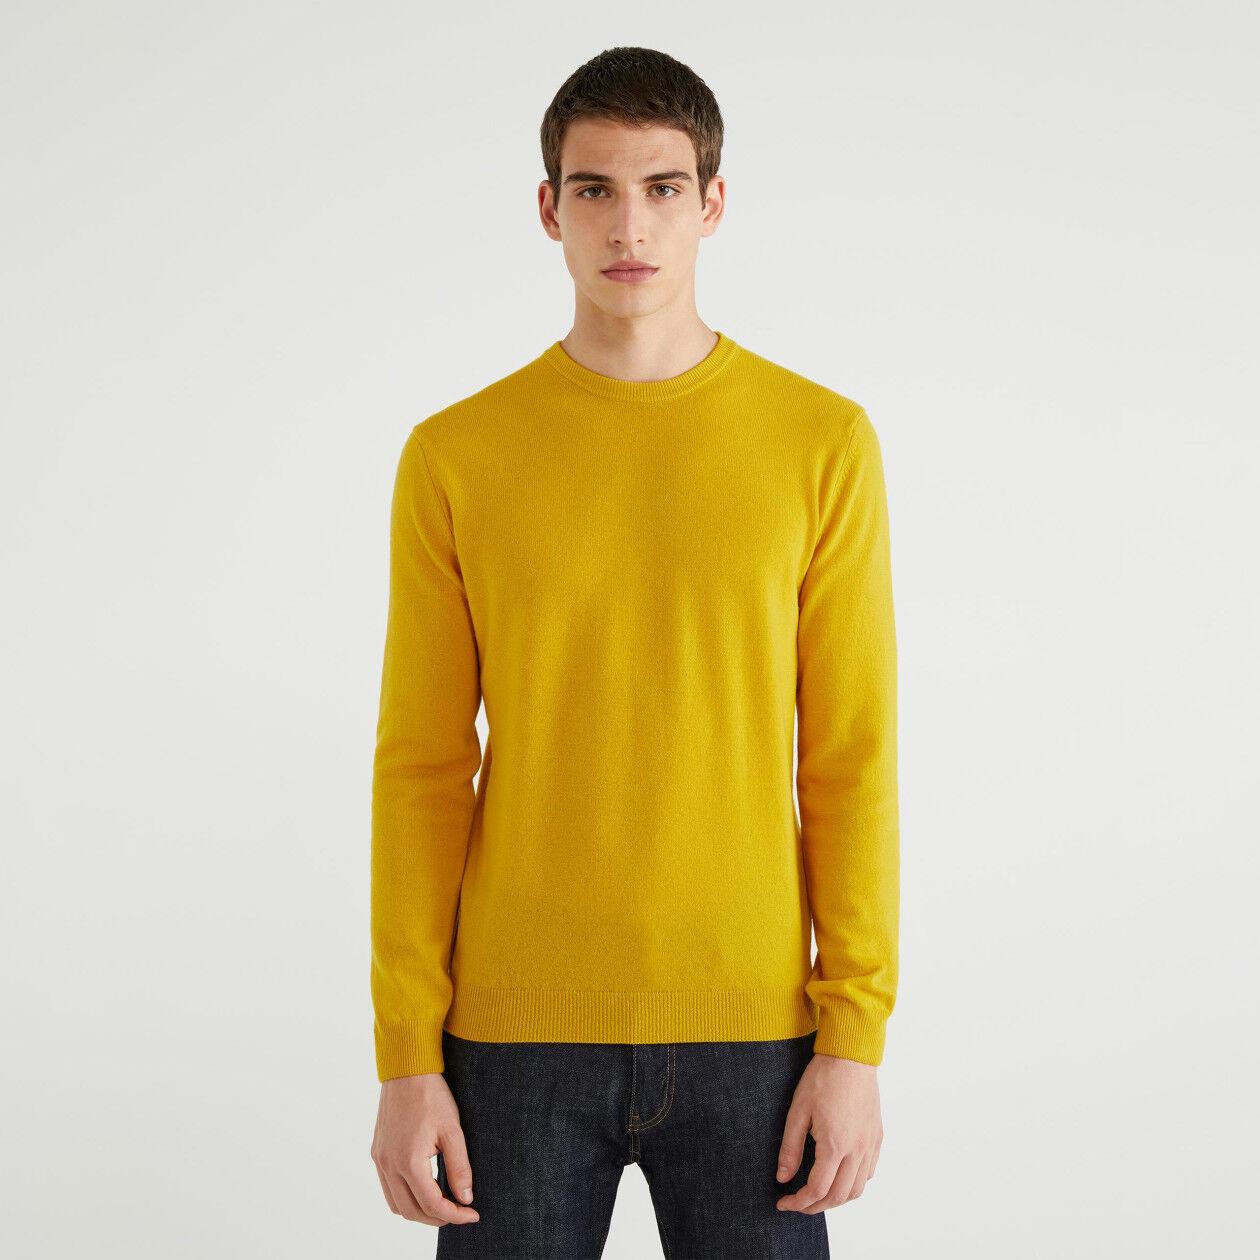 Sweater aus 100% Schurwolle mit Rundhals